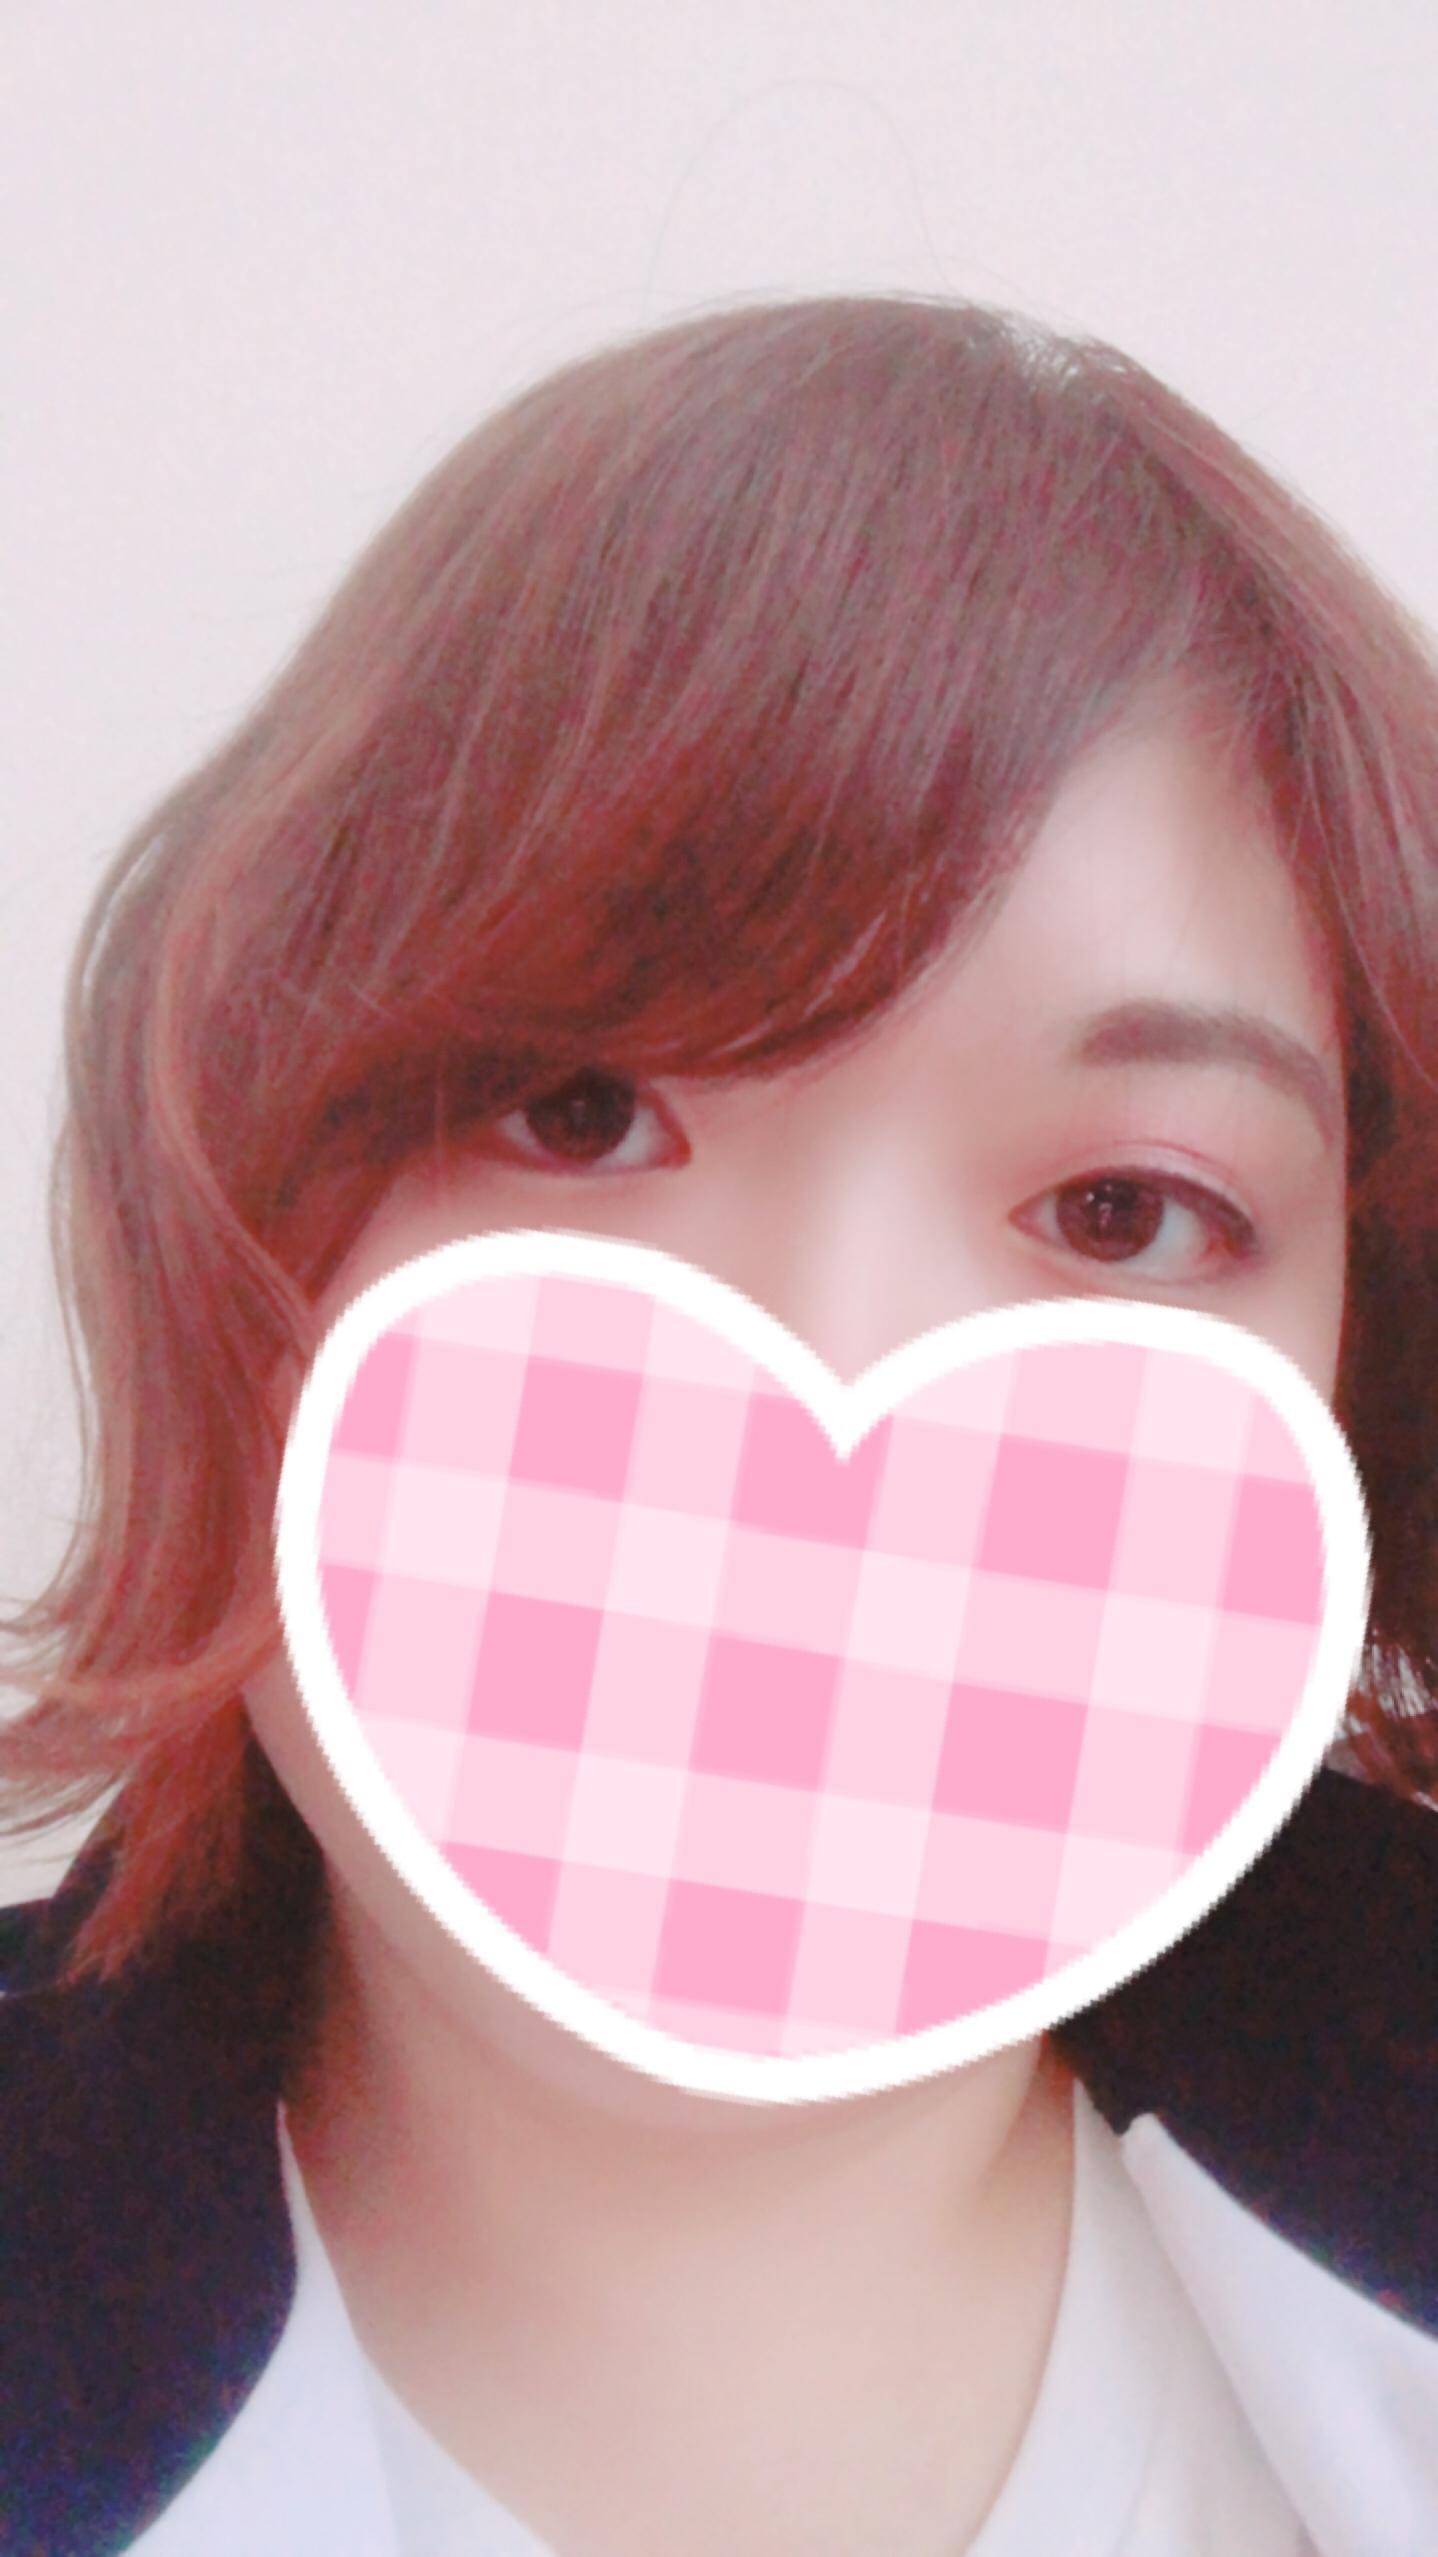 「ふぅ…」10/26(10/26) 02:02 | じゅんの写メ・風俗動画